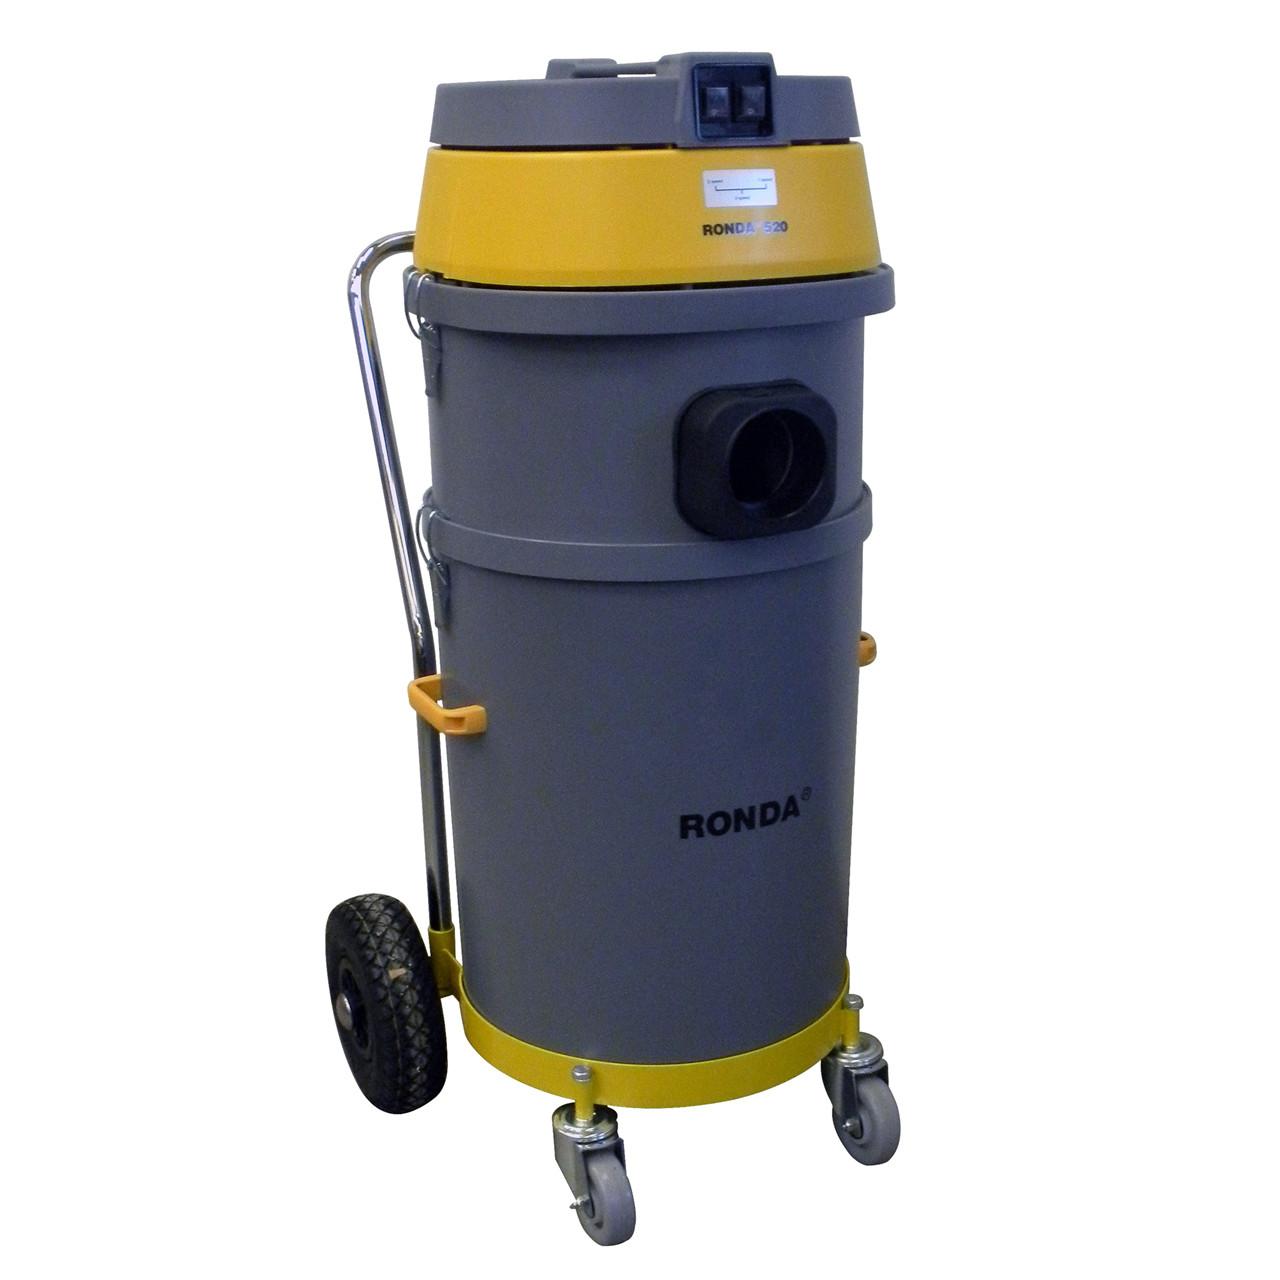 RONDA Våd-/tørsuger til tagrende rensesystem Model 520 - Klima -> Støvsuger -> Kombisuger|Klima -> Støvsuger|Klima|Mærker -> Ronda